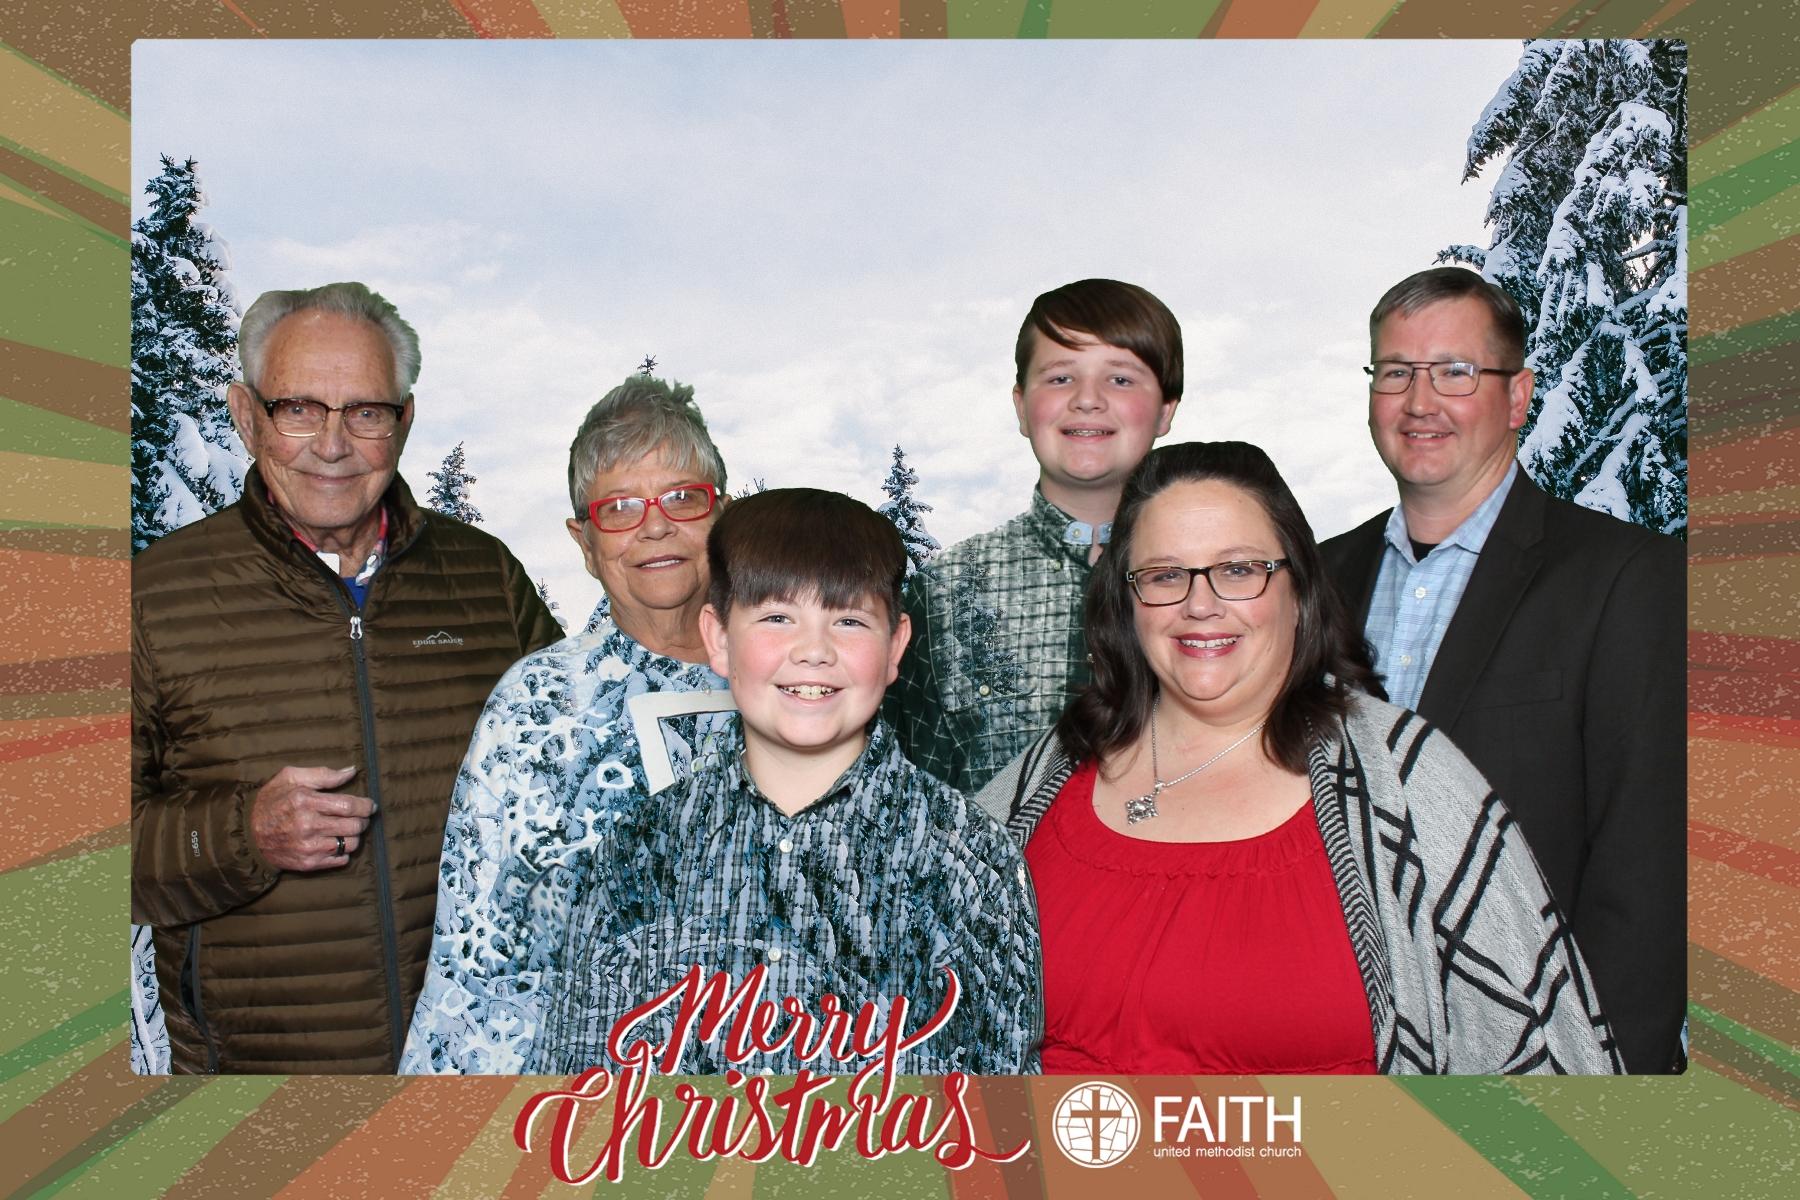 Faith2018_2018-12-24_18-50-46.jpg